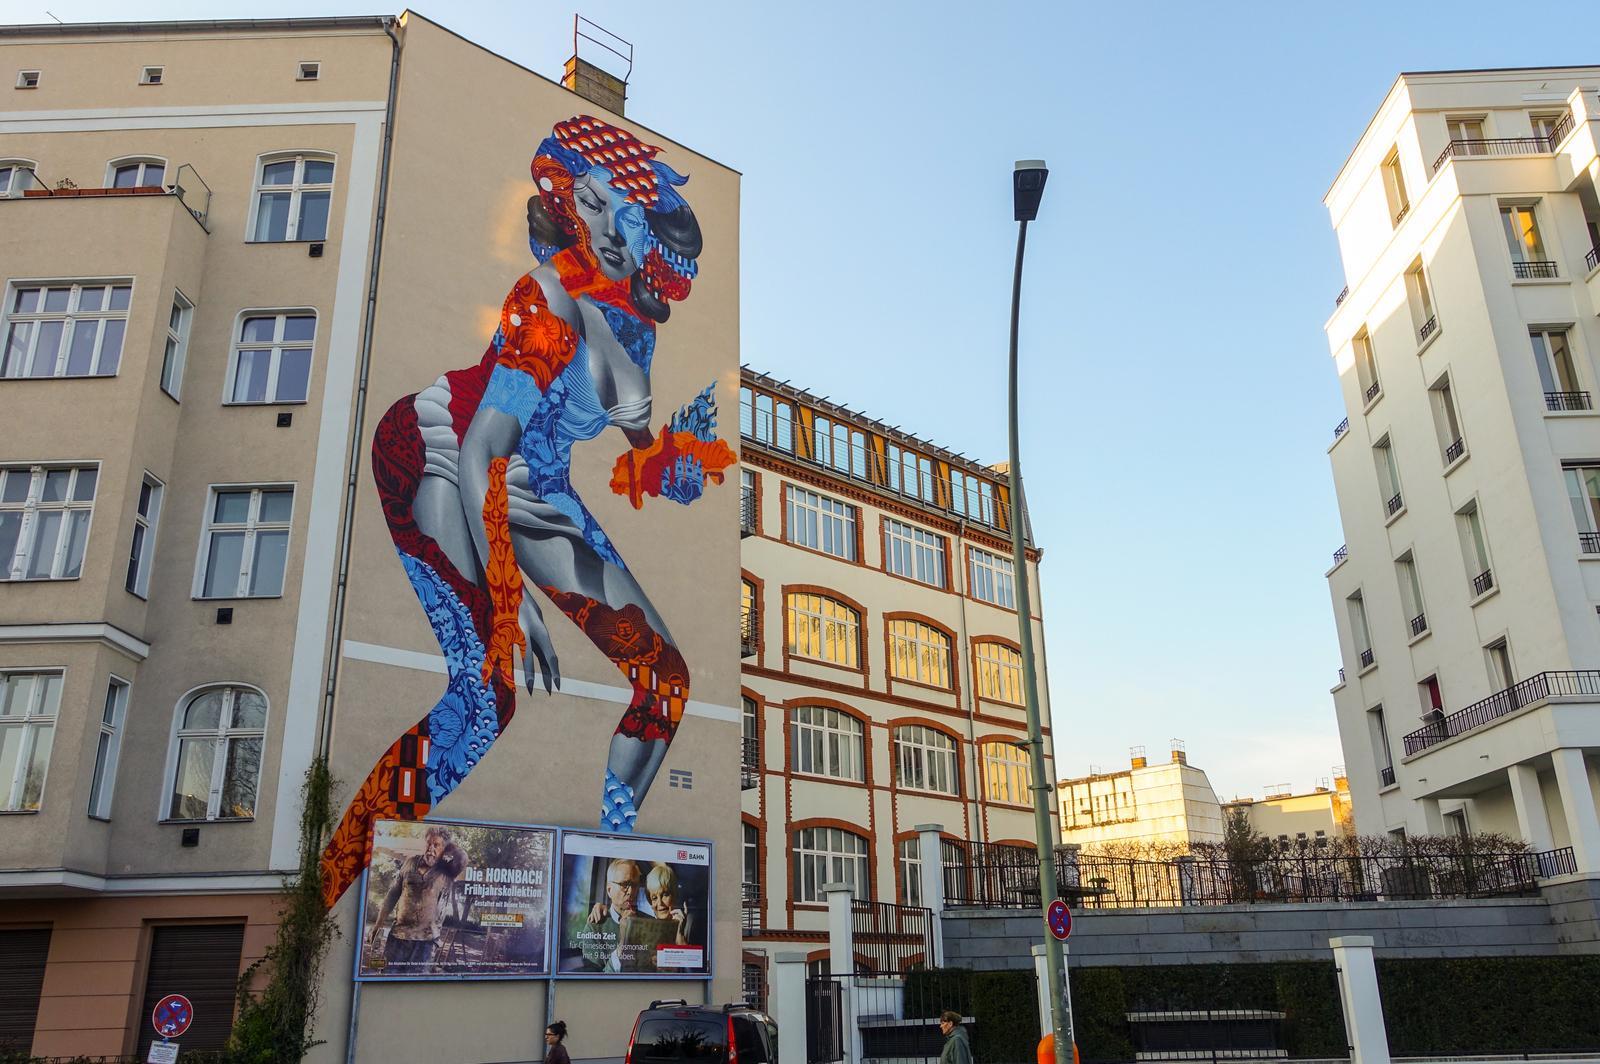 berlin street art pieces – #016 – apr II 2015 | URBANPRESENTS